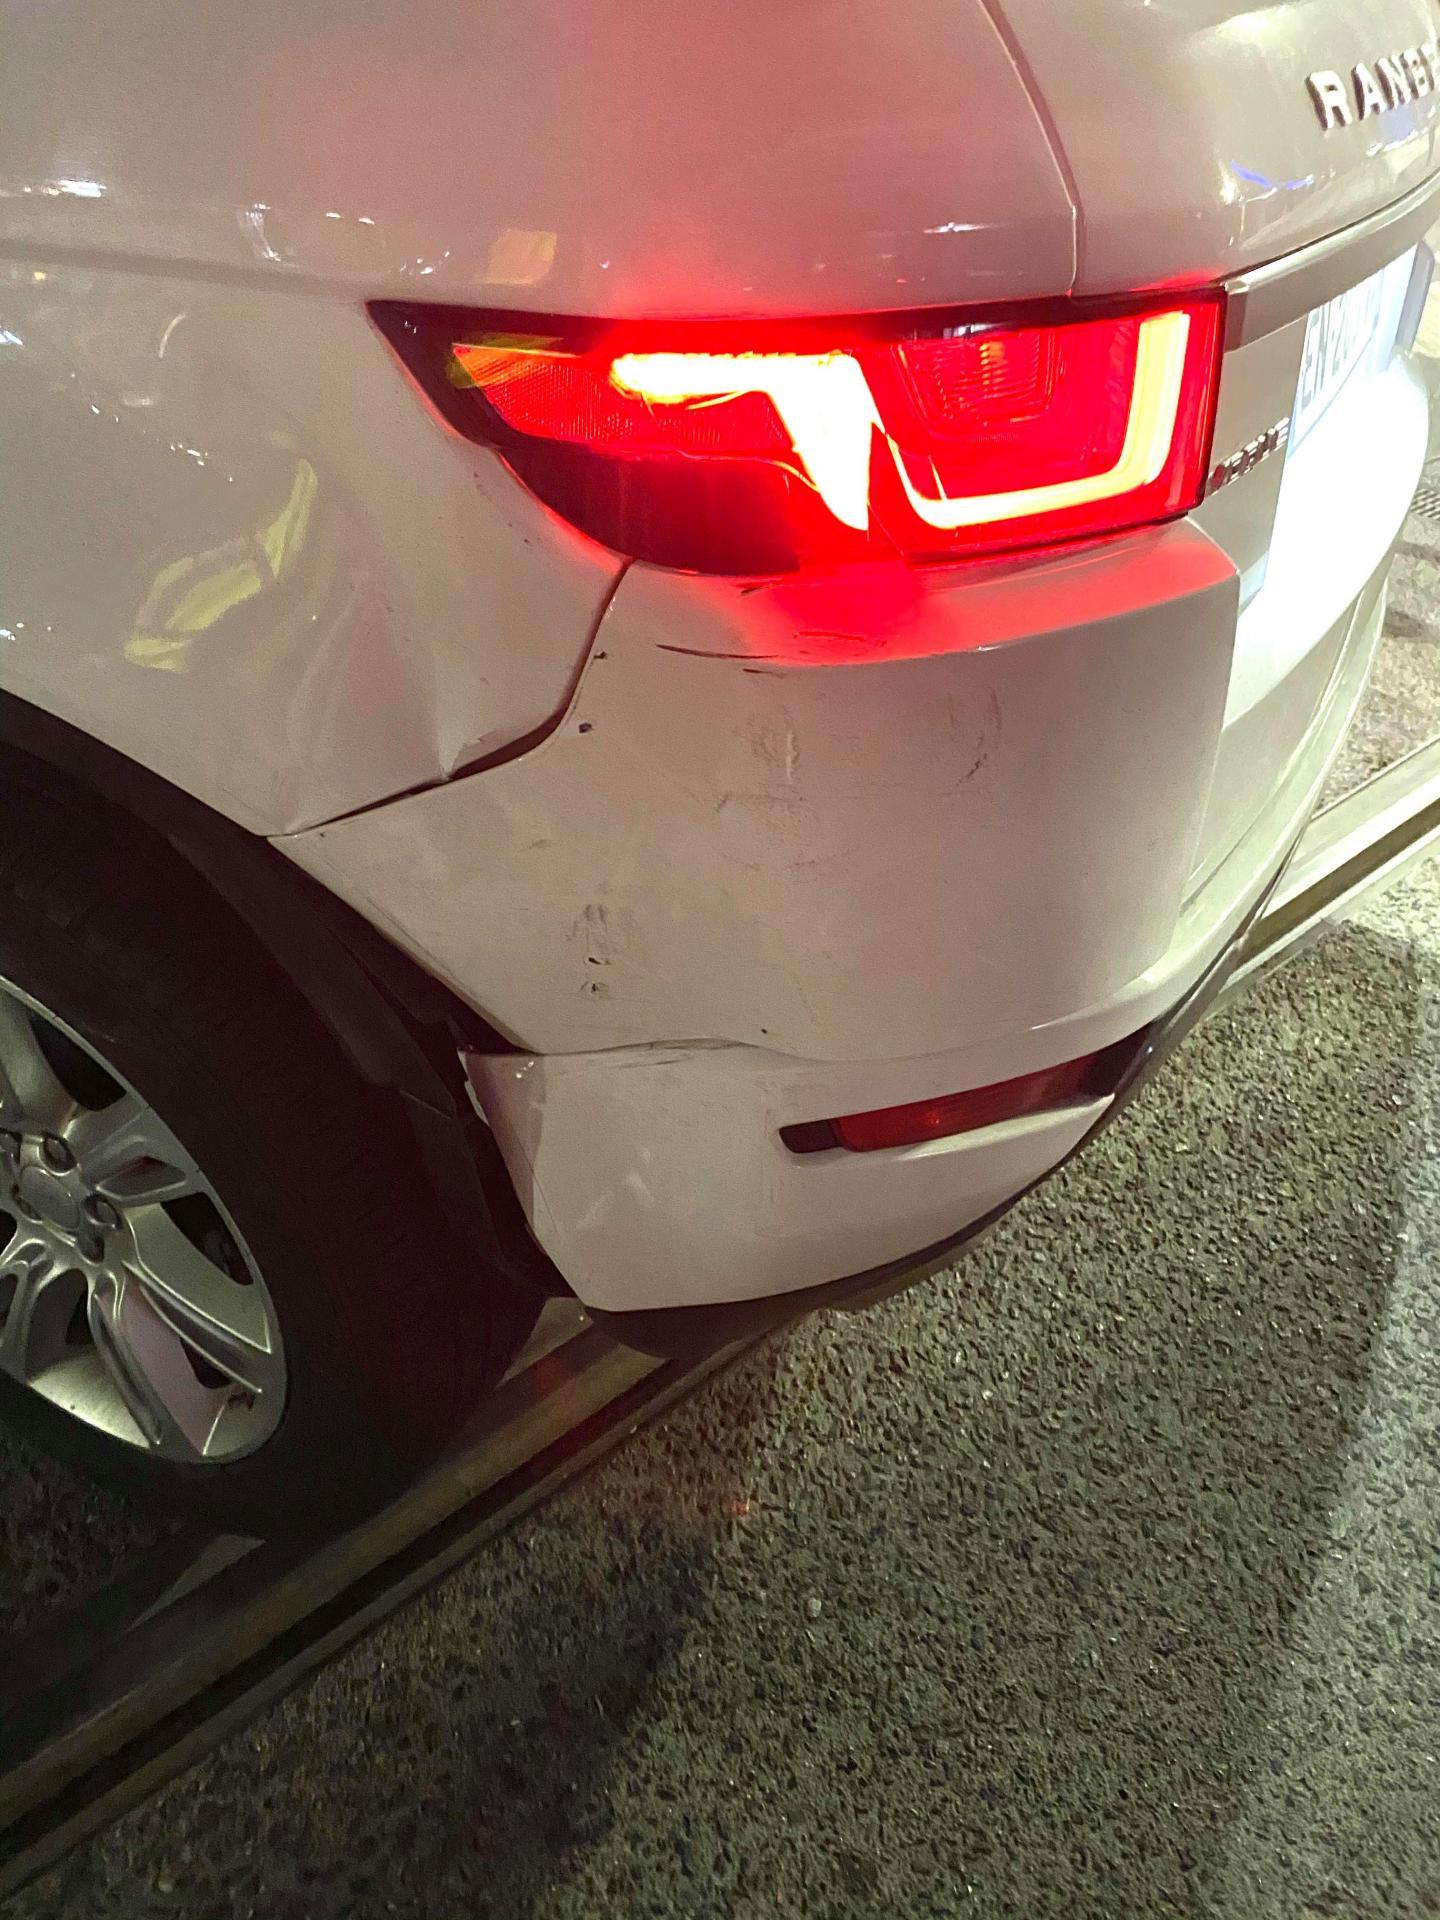 Le  SUV a eu le pare-choc arrière enfoncé.